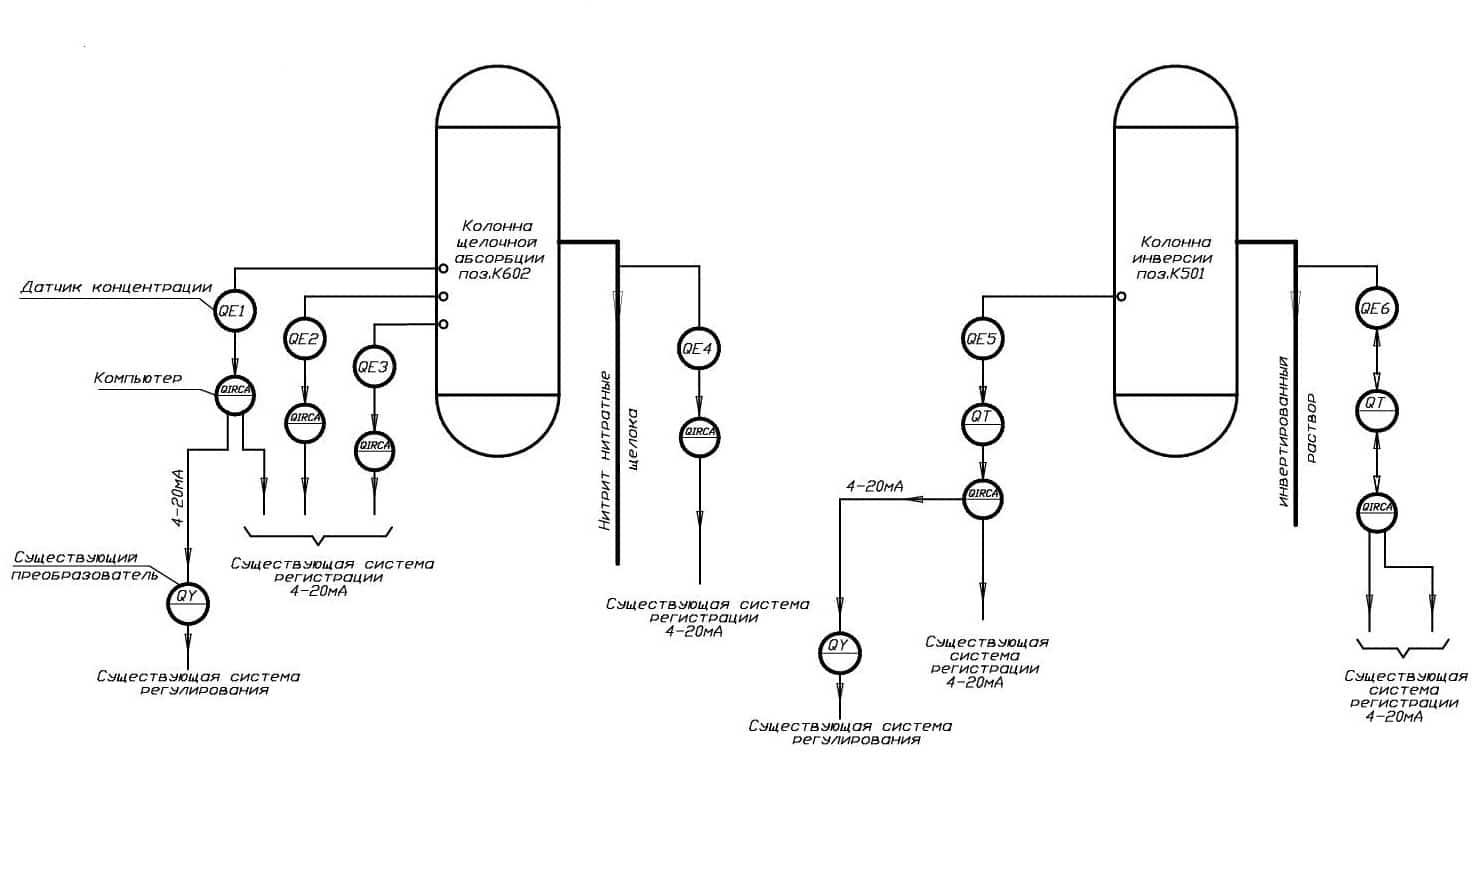 Система контроля и регулирования процессов нейтрализации в производстве нитрит-нитратных солей